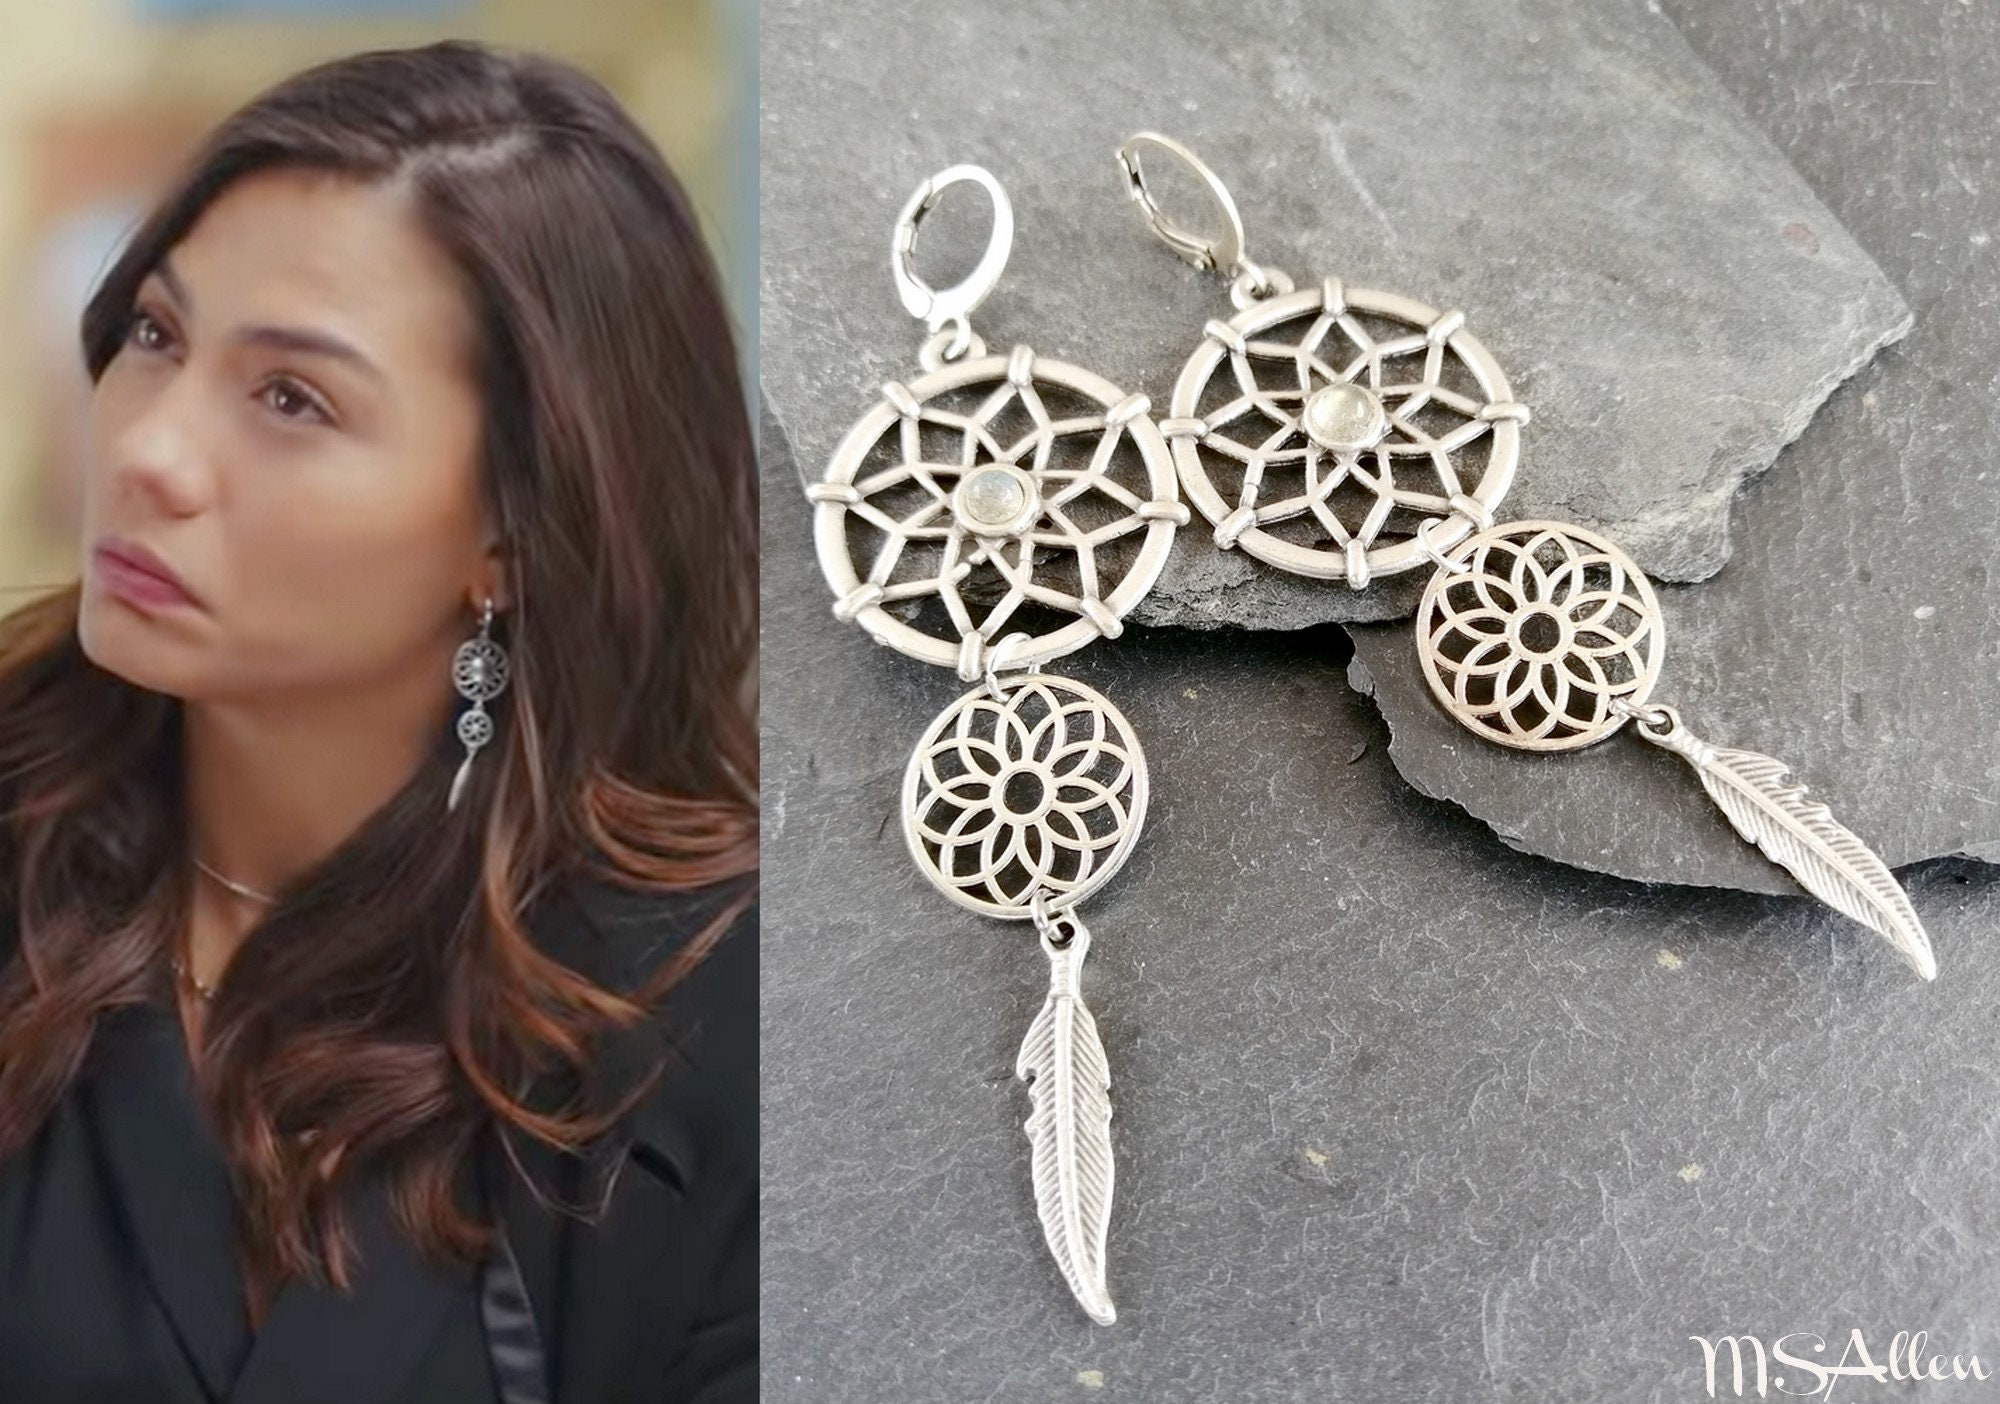 Erkenci Kus Sanem Copper Brass Hoop Spike Drop Statement Boho Ethnic Tribal Earrings  Turkish Dizi  Dangle Earrings  Made In France